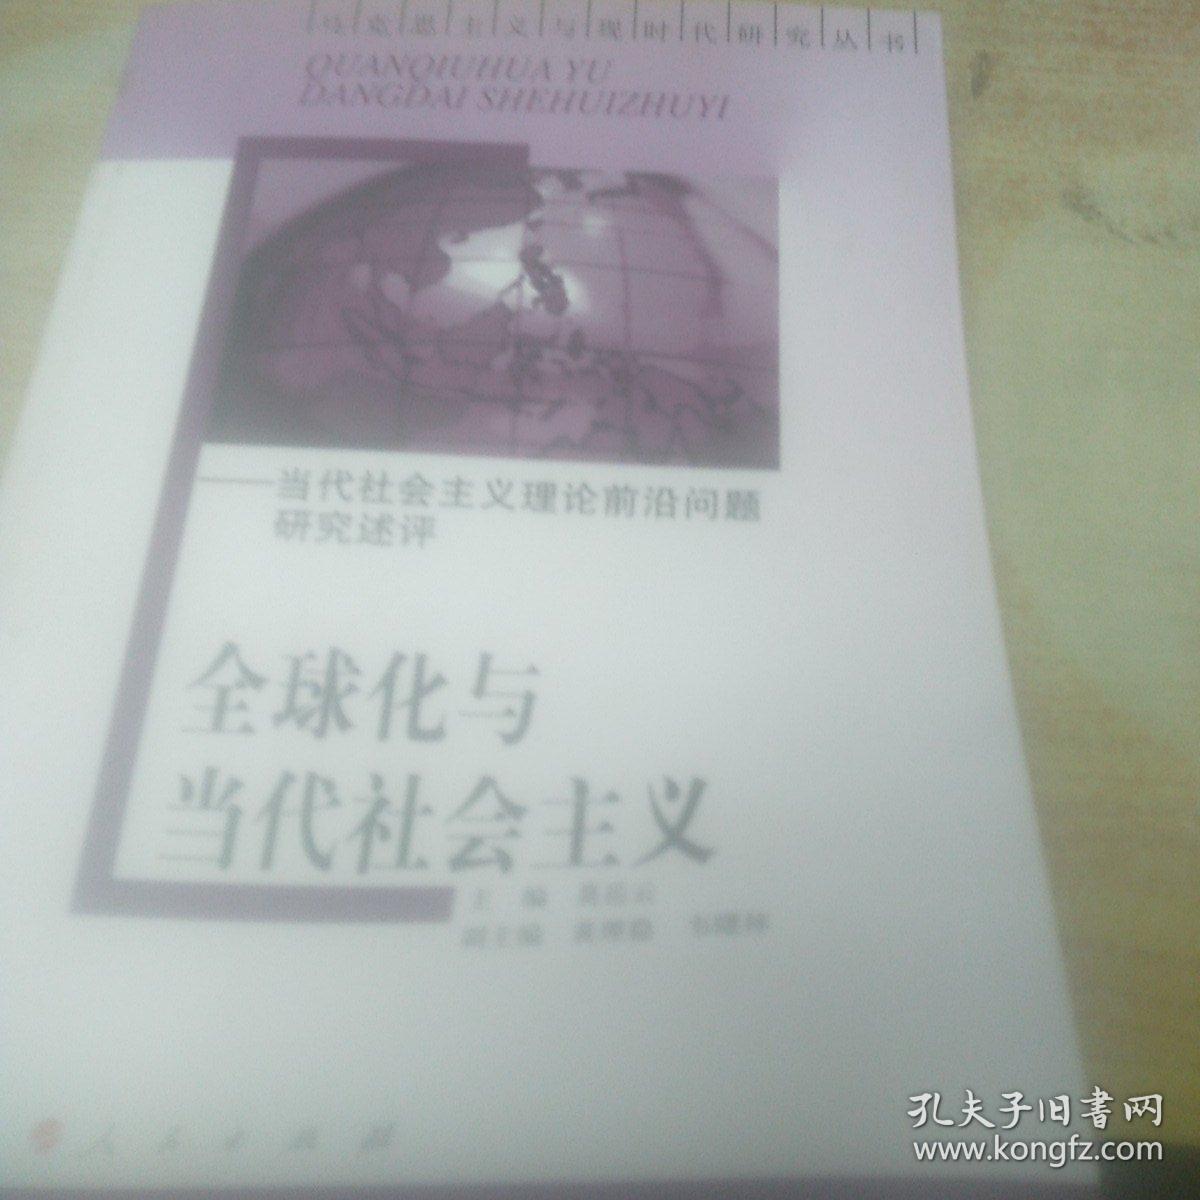 全球化与当代社会主义:当代社会主义理论前沿问题研究述评